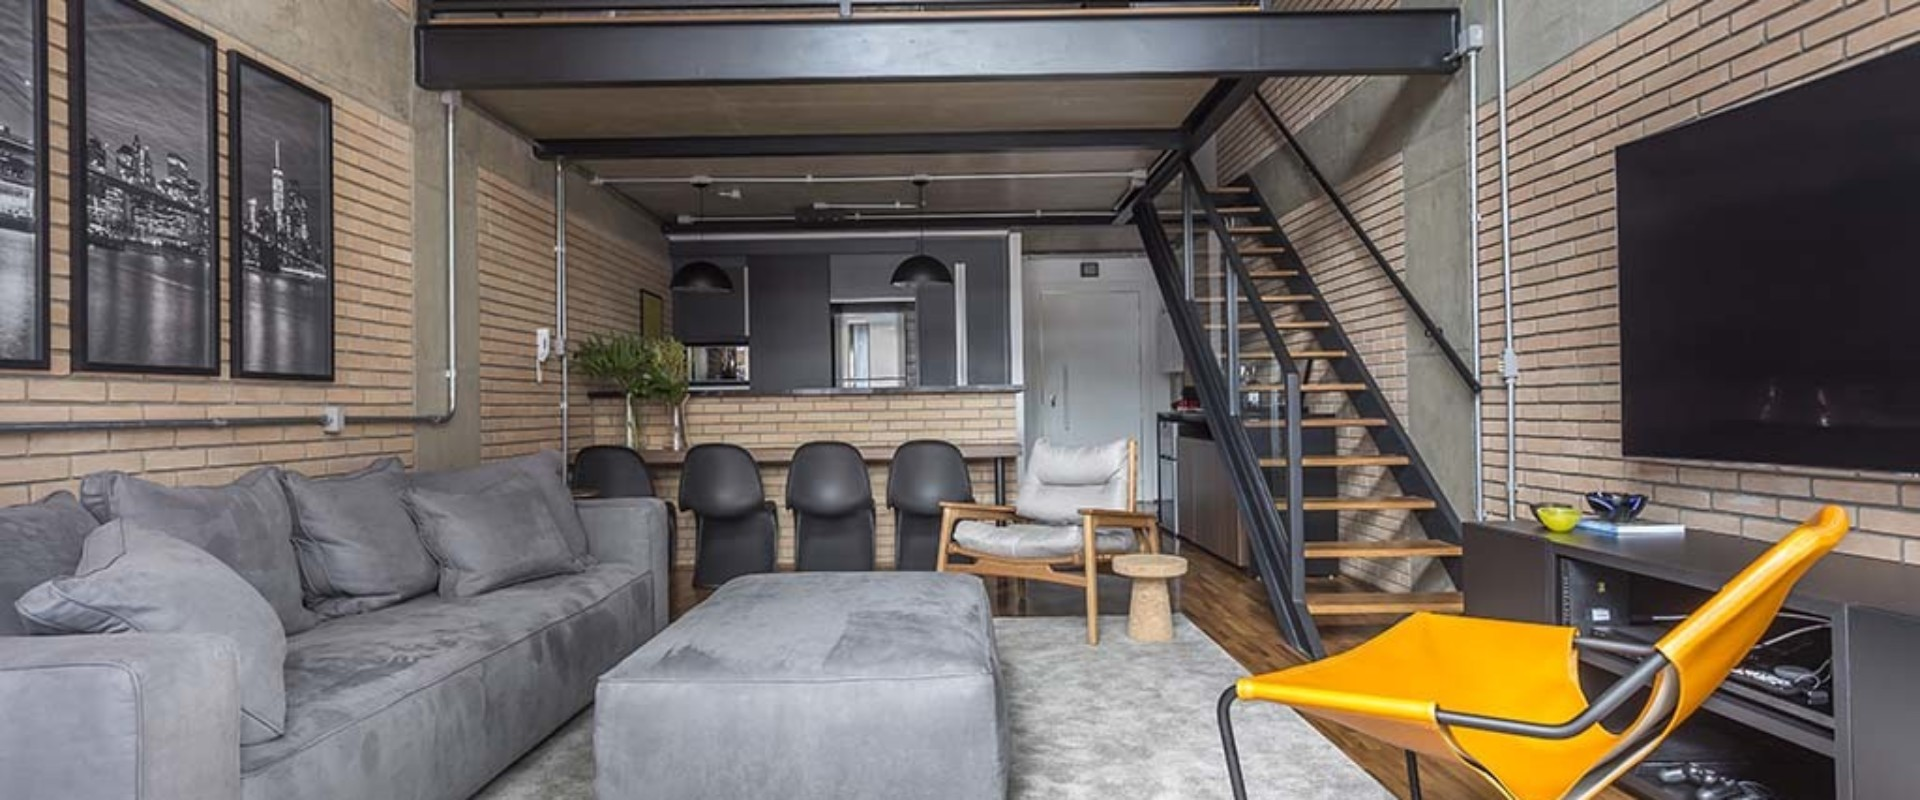 ma-primeira-morada-um-loft-industrial